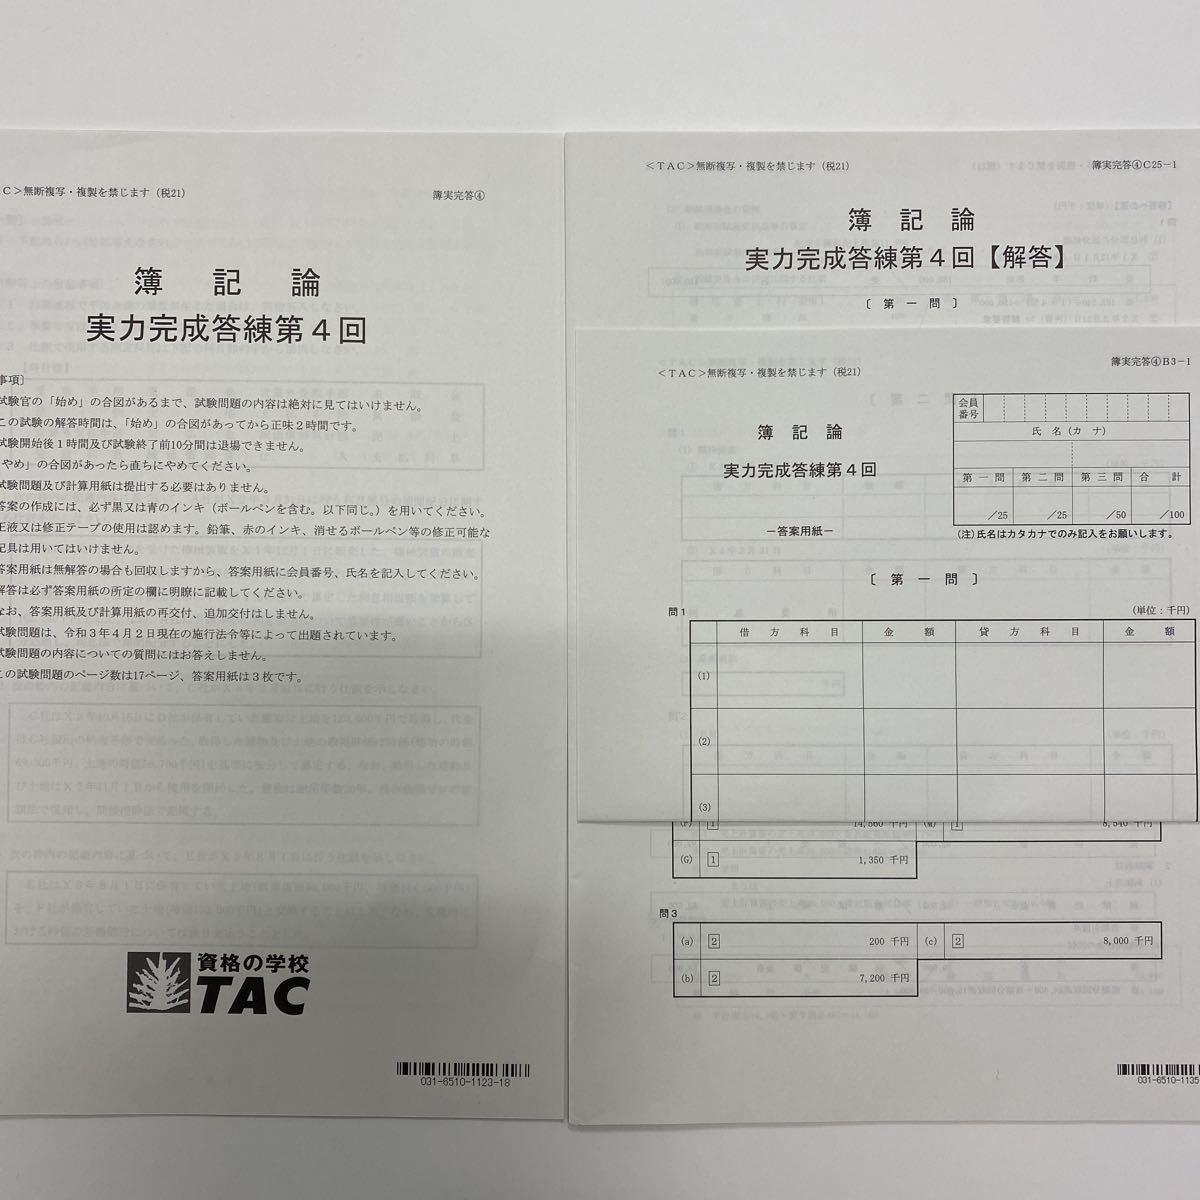 TAC 税理士 簿記論 2021年 実力完成答練 全6回 未使用品